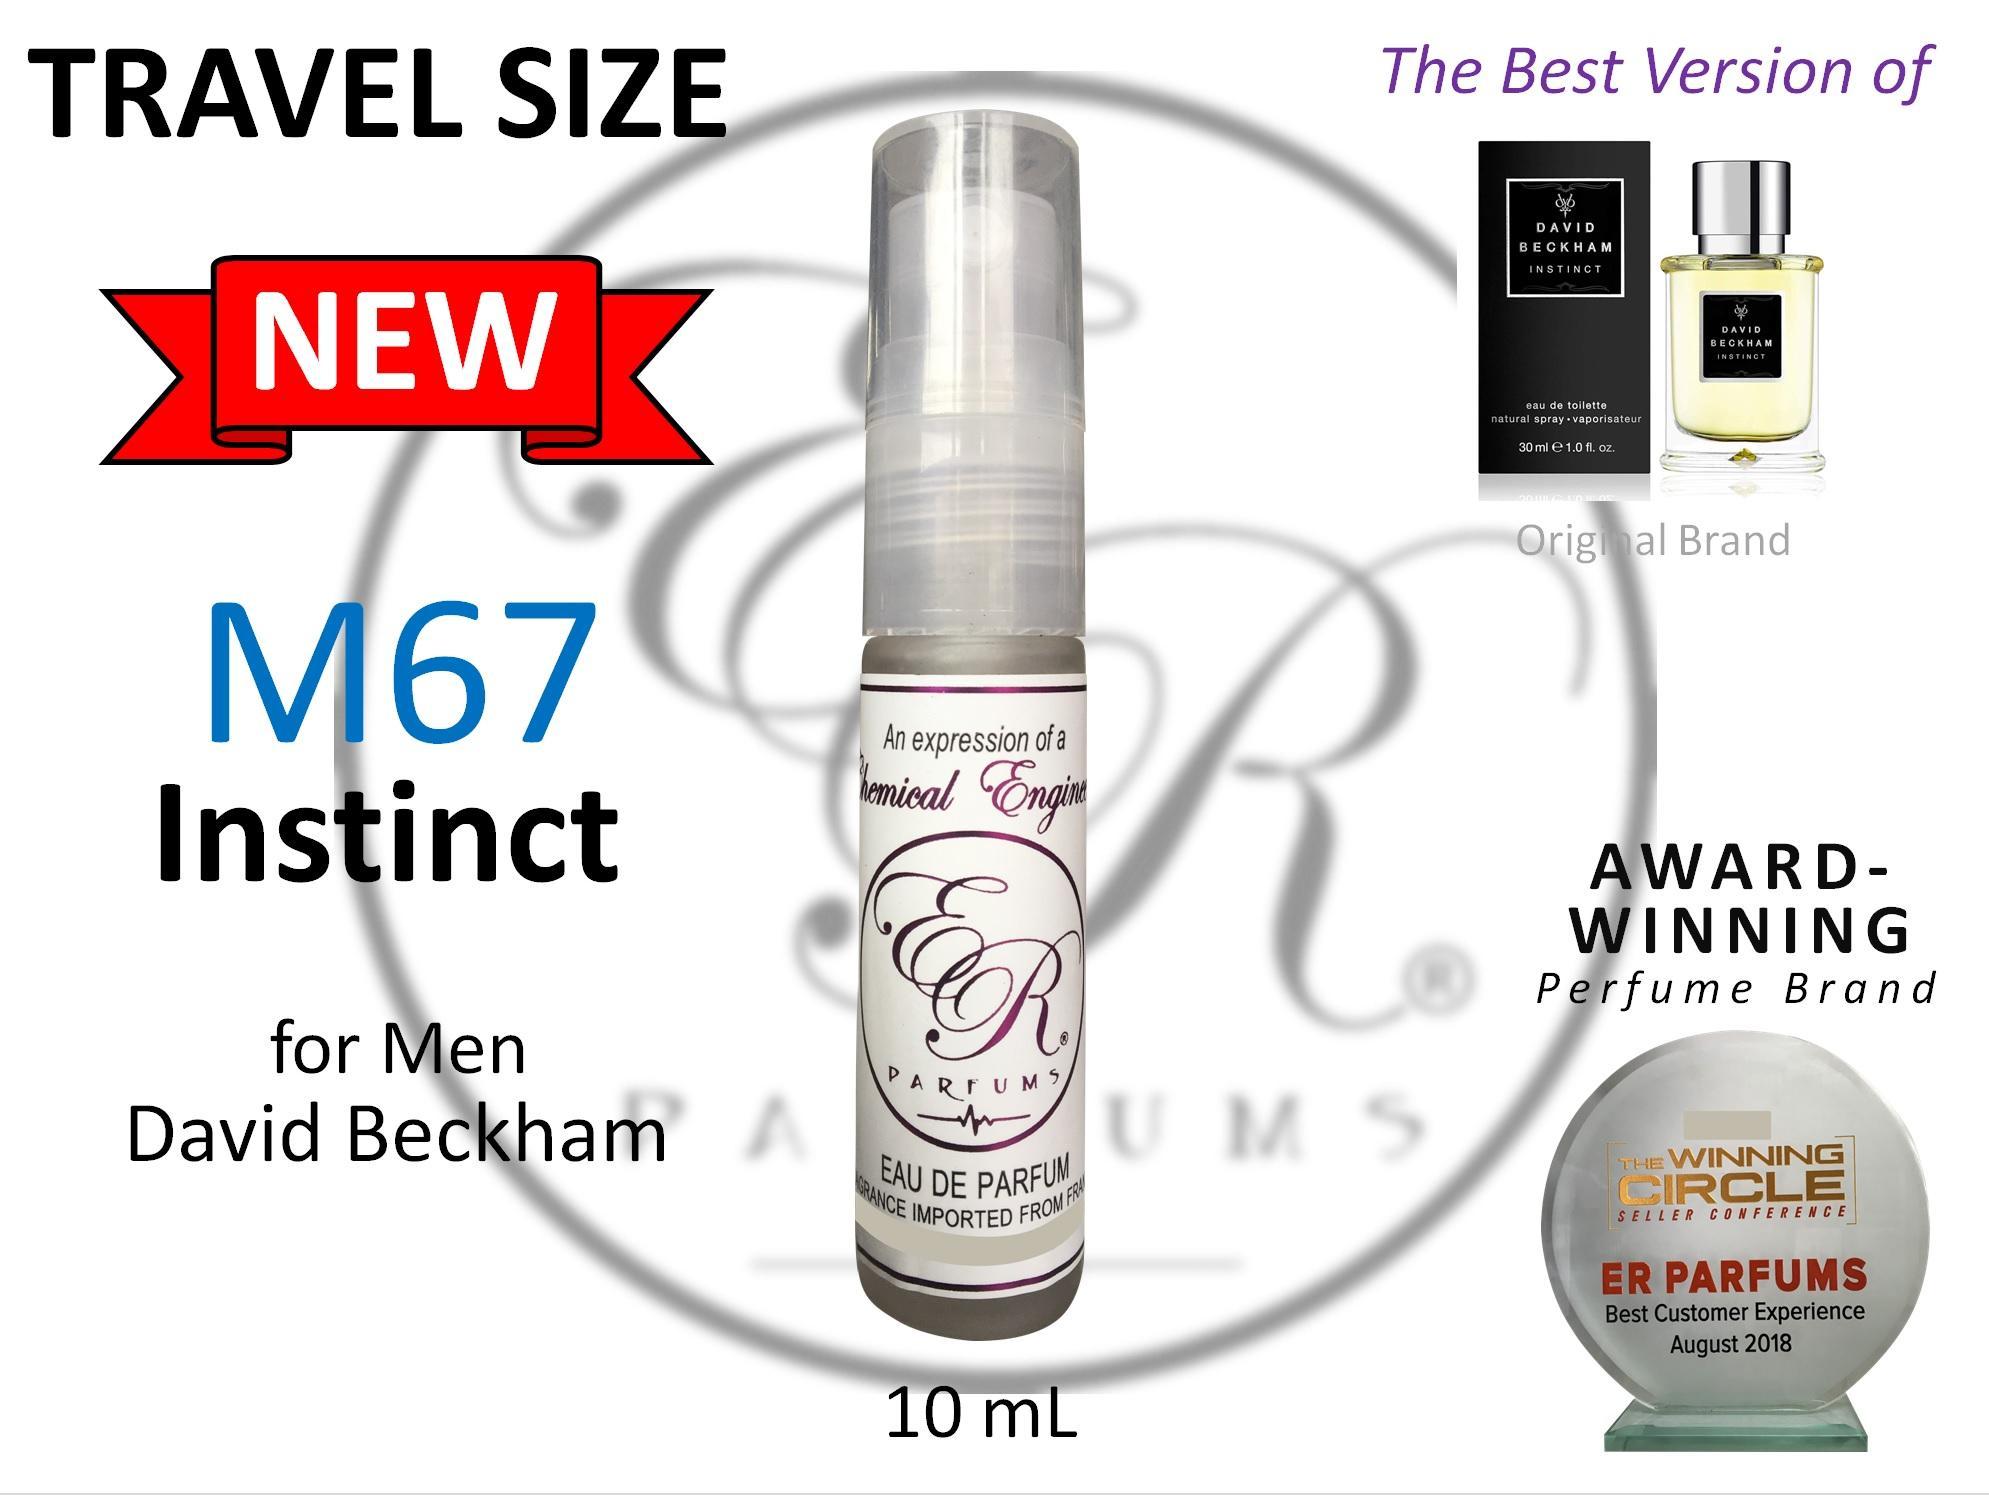 Er Parfums M67 Instinct For Men By David Beckham 1 Piece 10 Ml Travel Size Best Version